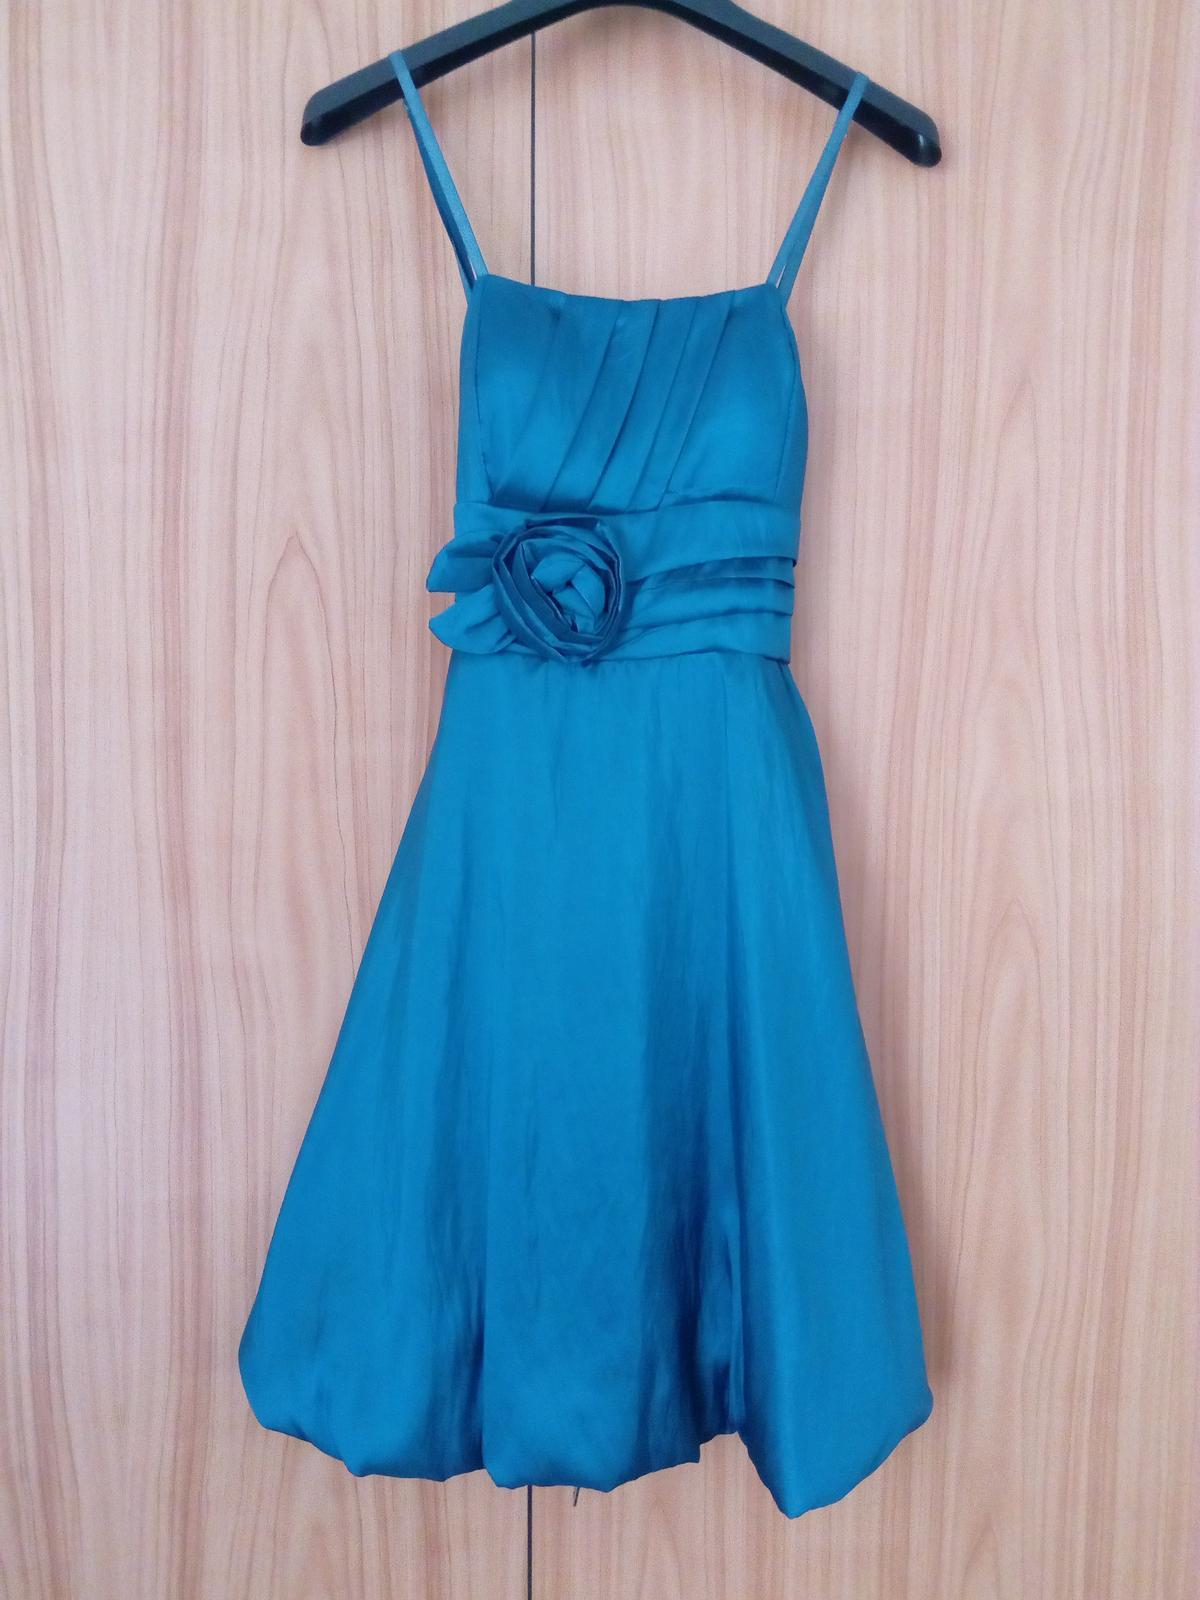 Spoločenské šaty 2ks - Obrázok č. 1